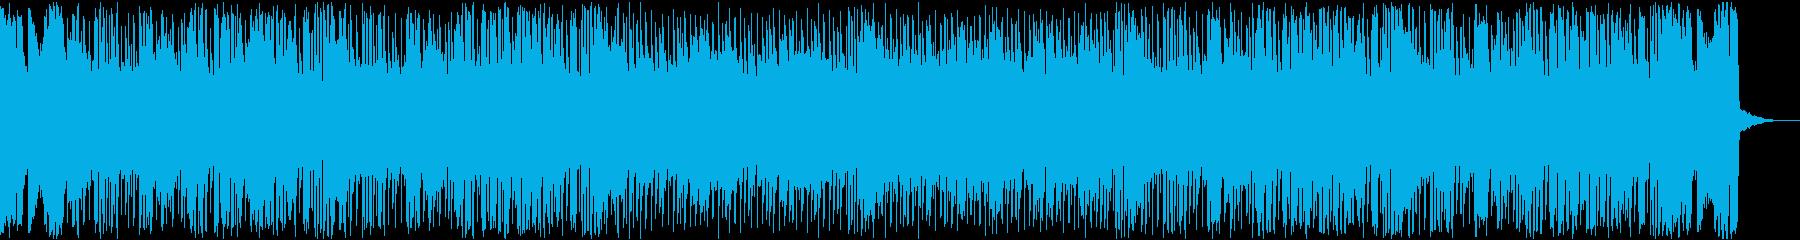 ファンキー・ノリノリ・パーティー・元気の再生済みの波形